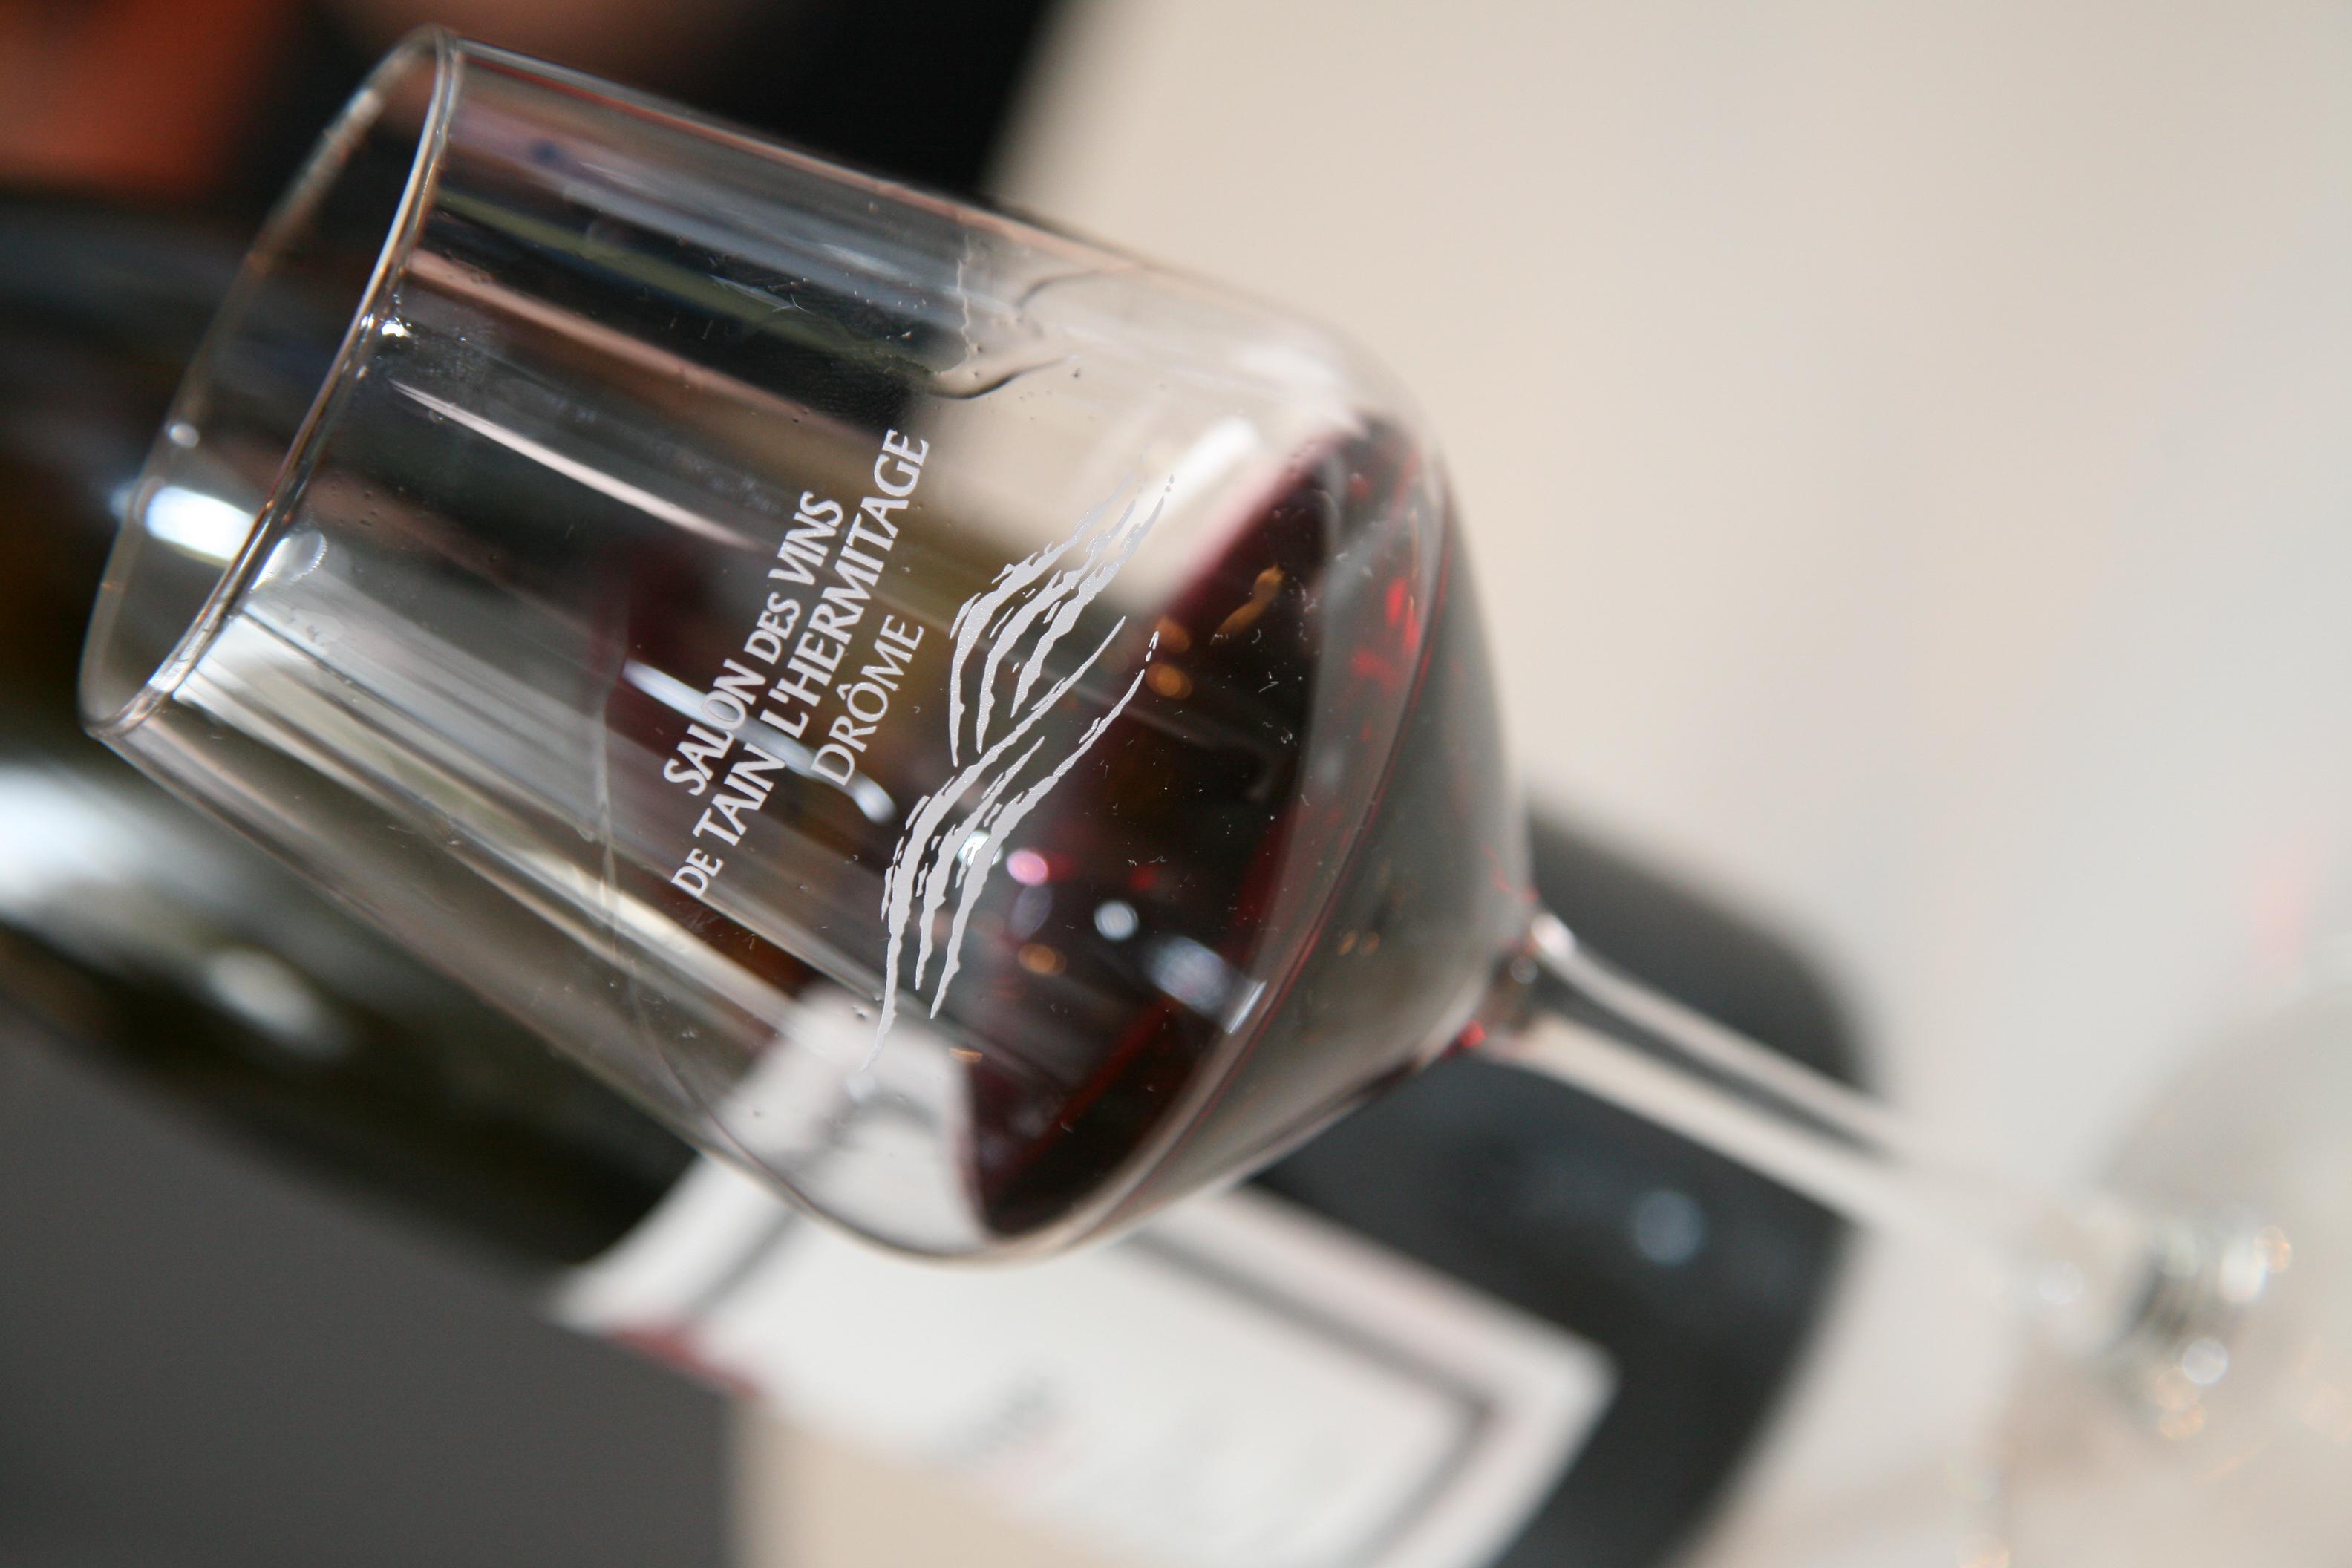 Verre salon des vins de tain